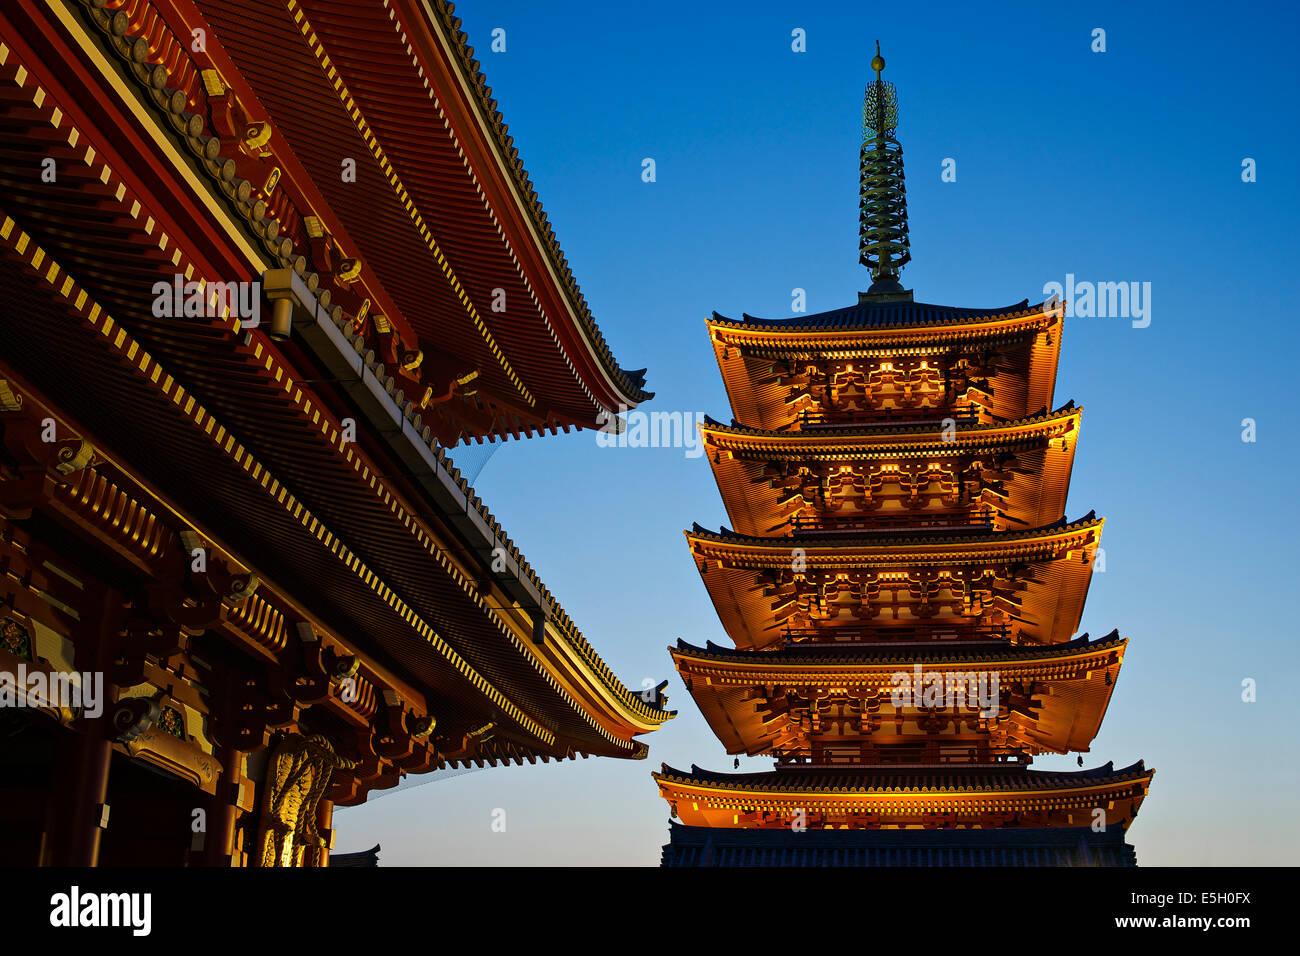 El templo Senso-ji, en Tokio, Japón. Imagen De Stock